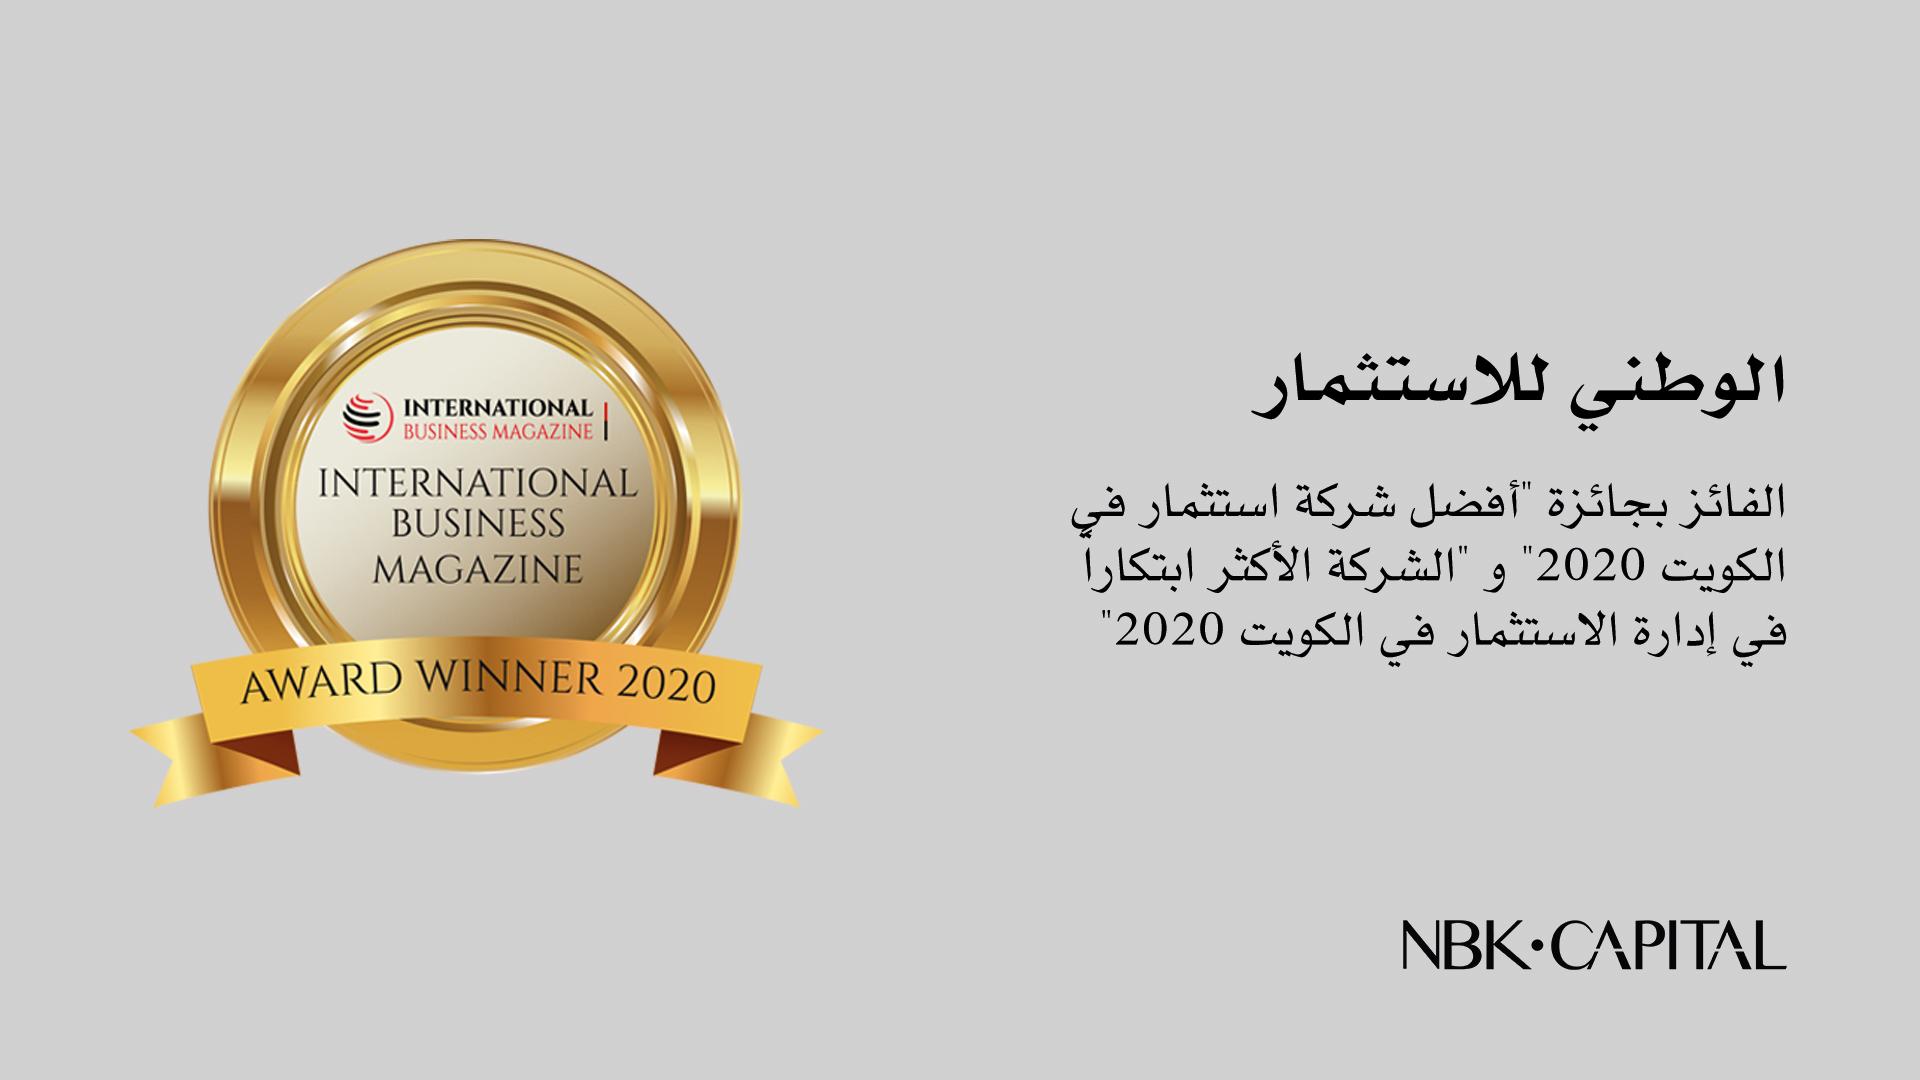 """""""الوطني للاستثمار: الفائز بجائزة """"أفضل شركة استثمار في الكويت 2020"""" و """"الشركة الأكثر ابتكاراً في إدارة الاستثمار في الكويت 2020"""""""